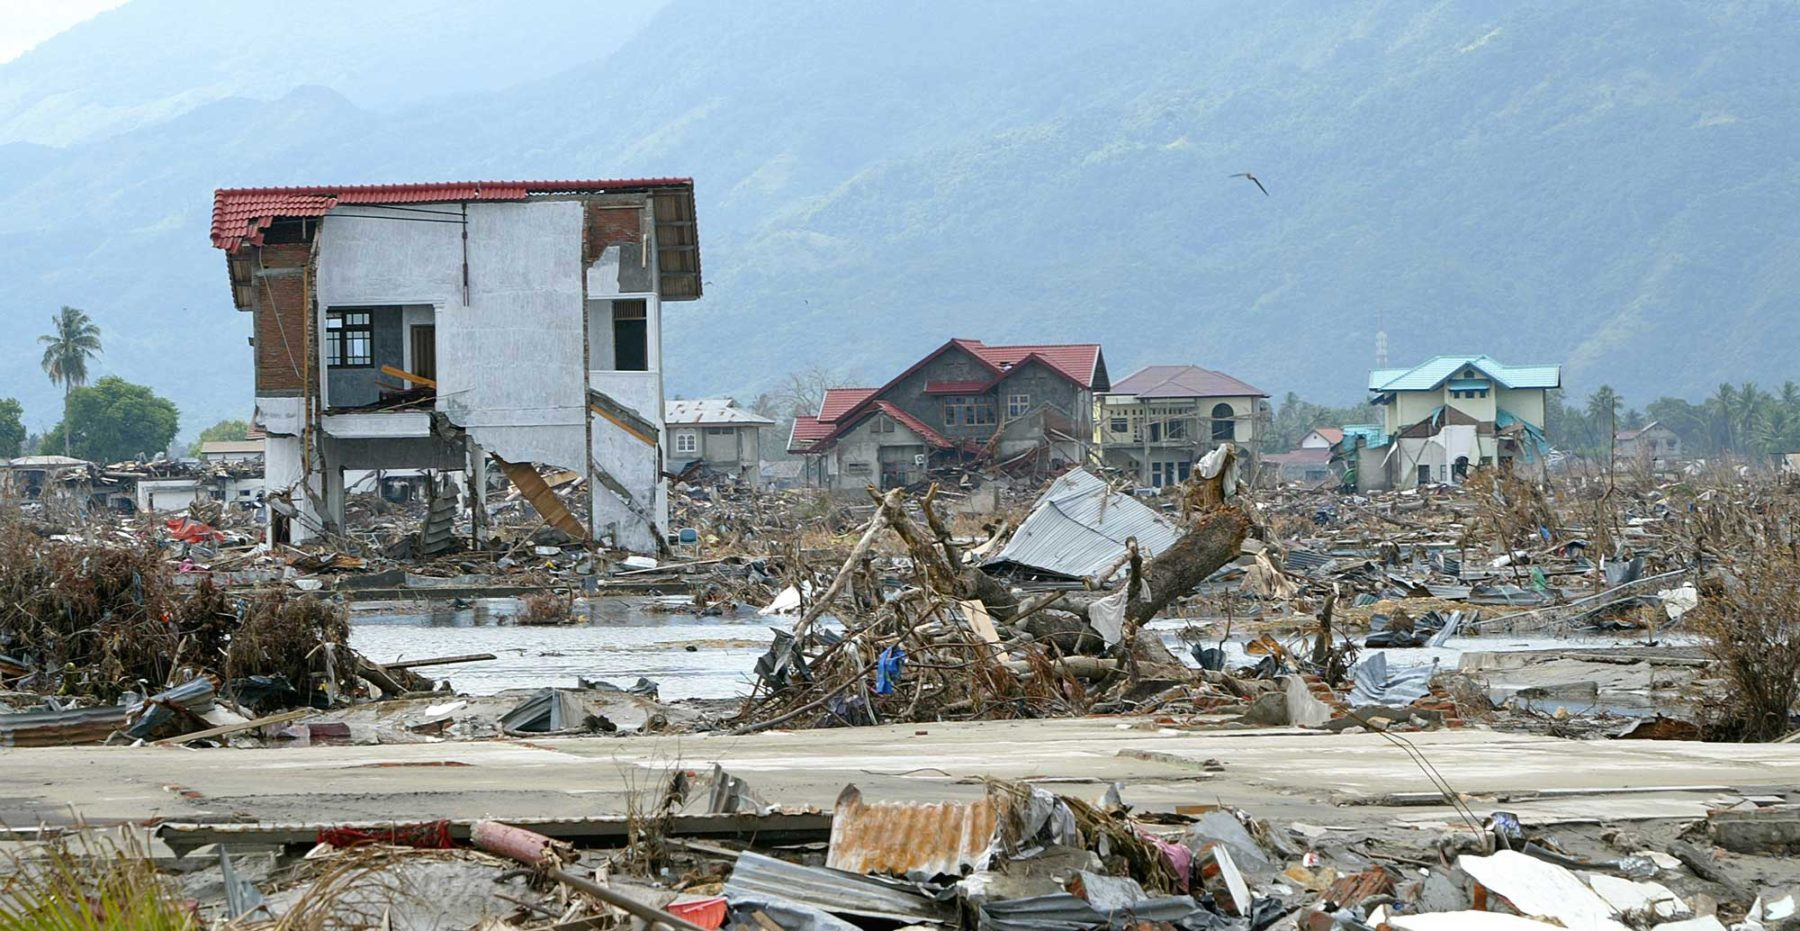 Σεισμός Ινδονησία: Συγκλονιστικές εικόνες τώρα από τη καταστροφή